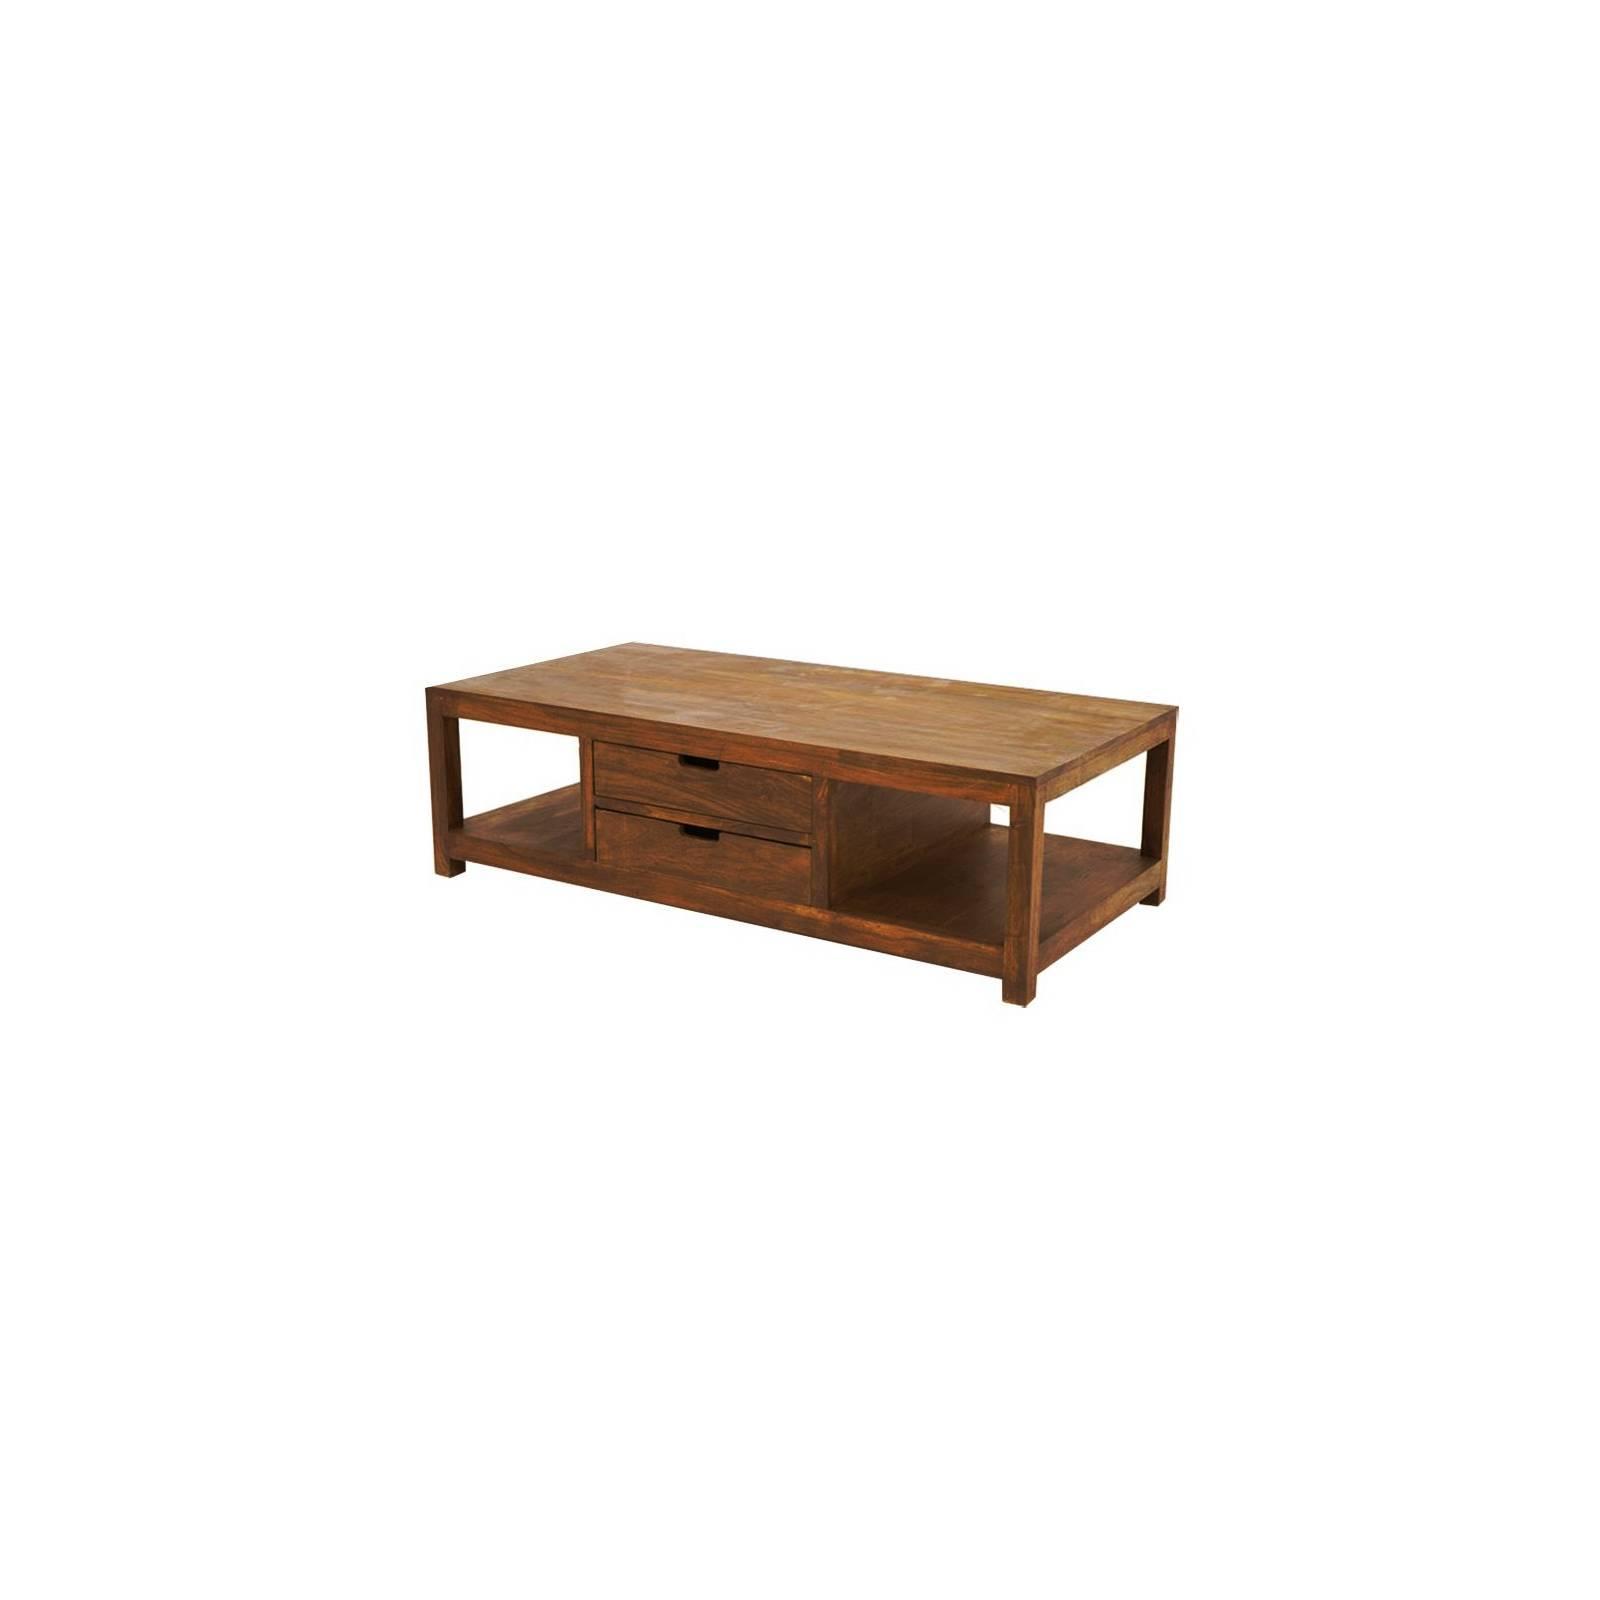 Déco Basse Table Basse Déco Table Table Art Palissandre Palissandre Art nmO80vNw